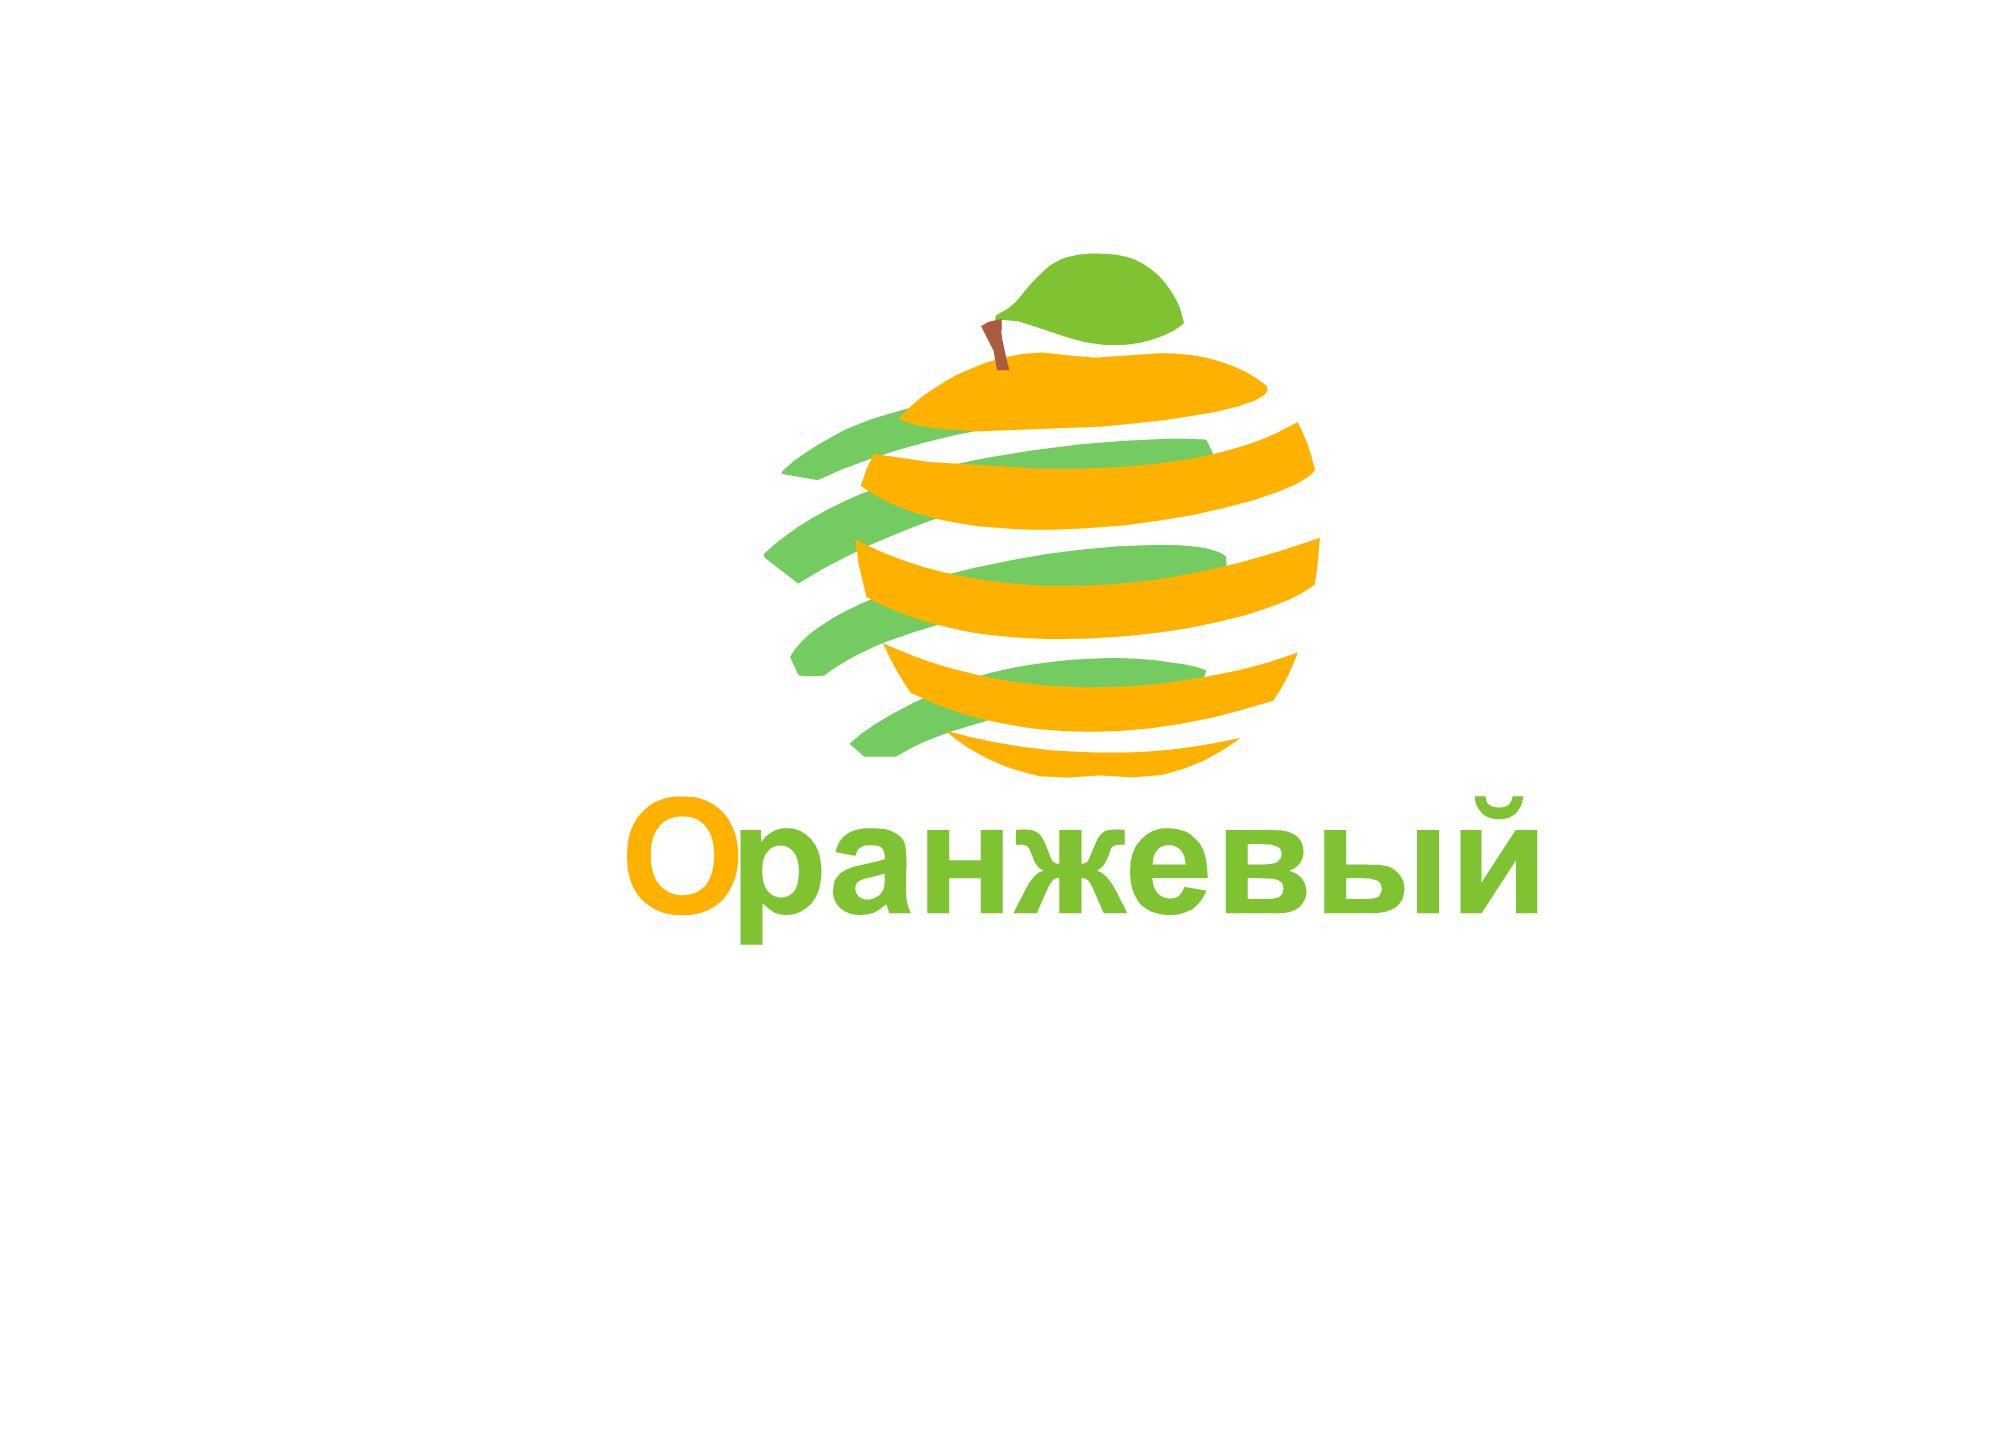 Логотип Финансовой Организации - дизайнер sasory96